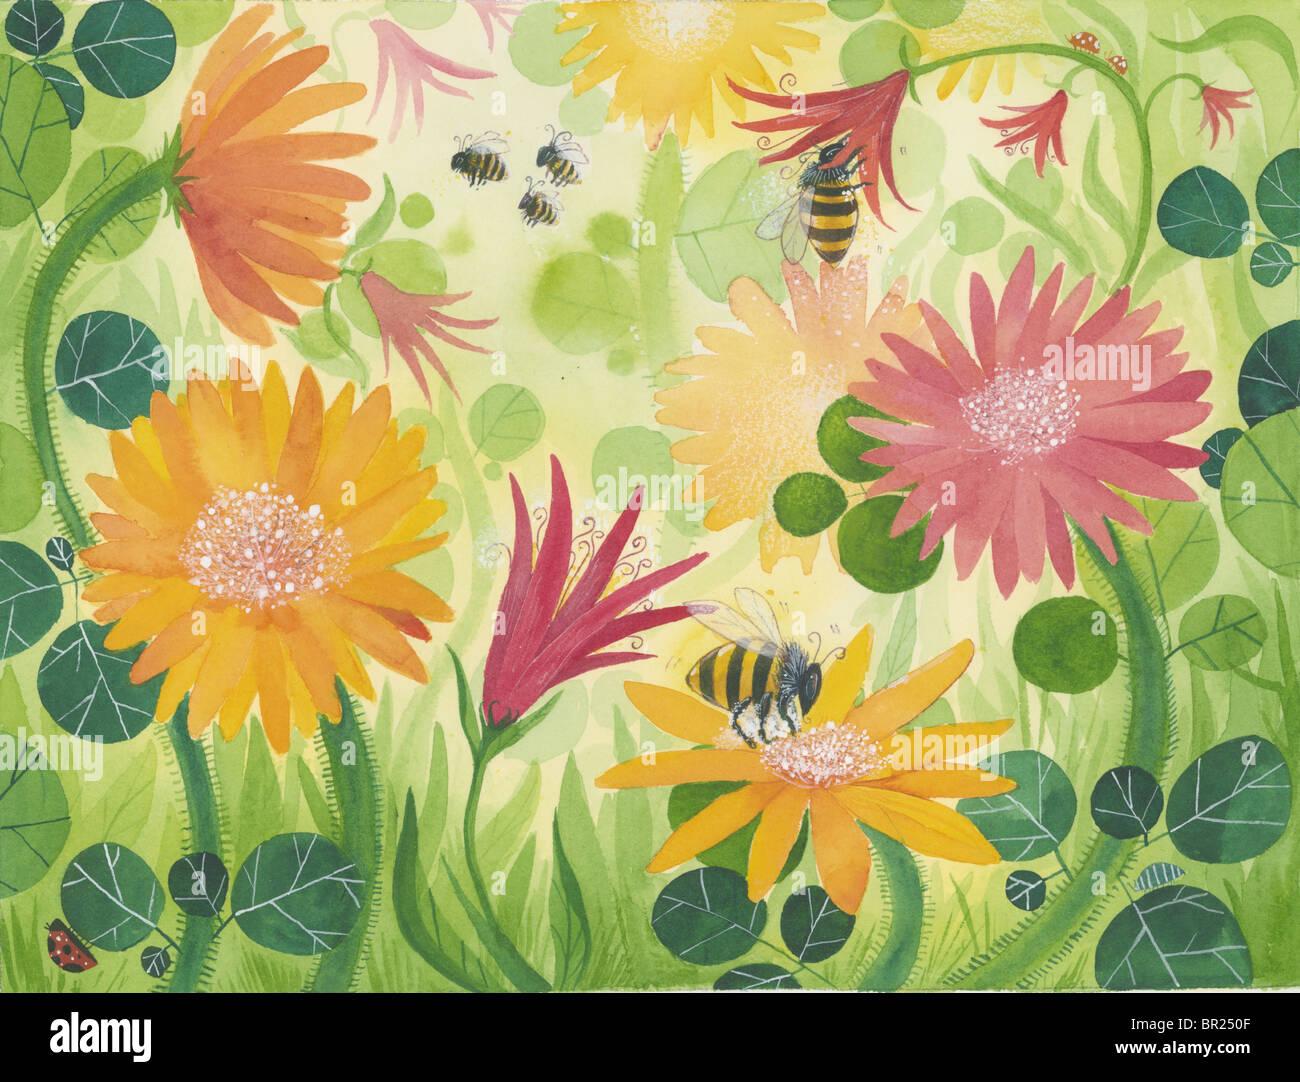 Une photo de fleurs de printemps avec des abeilles Photo Stock